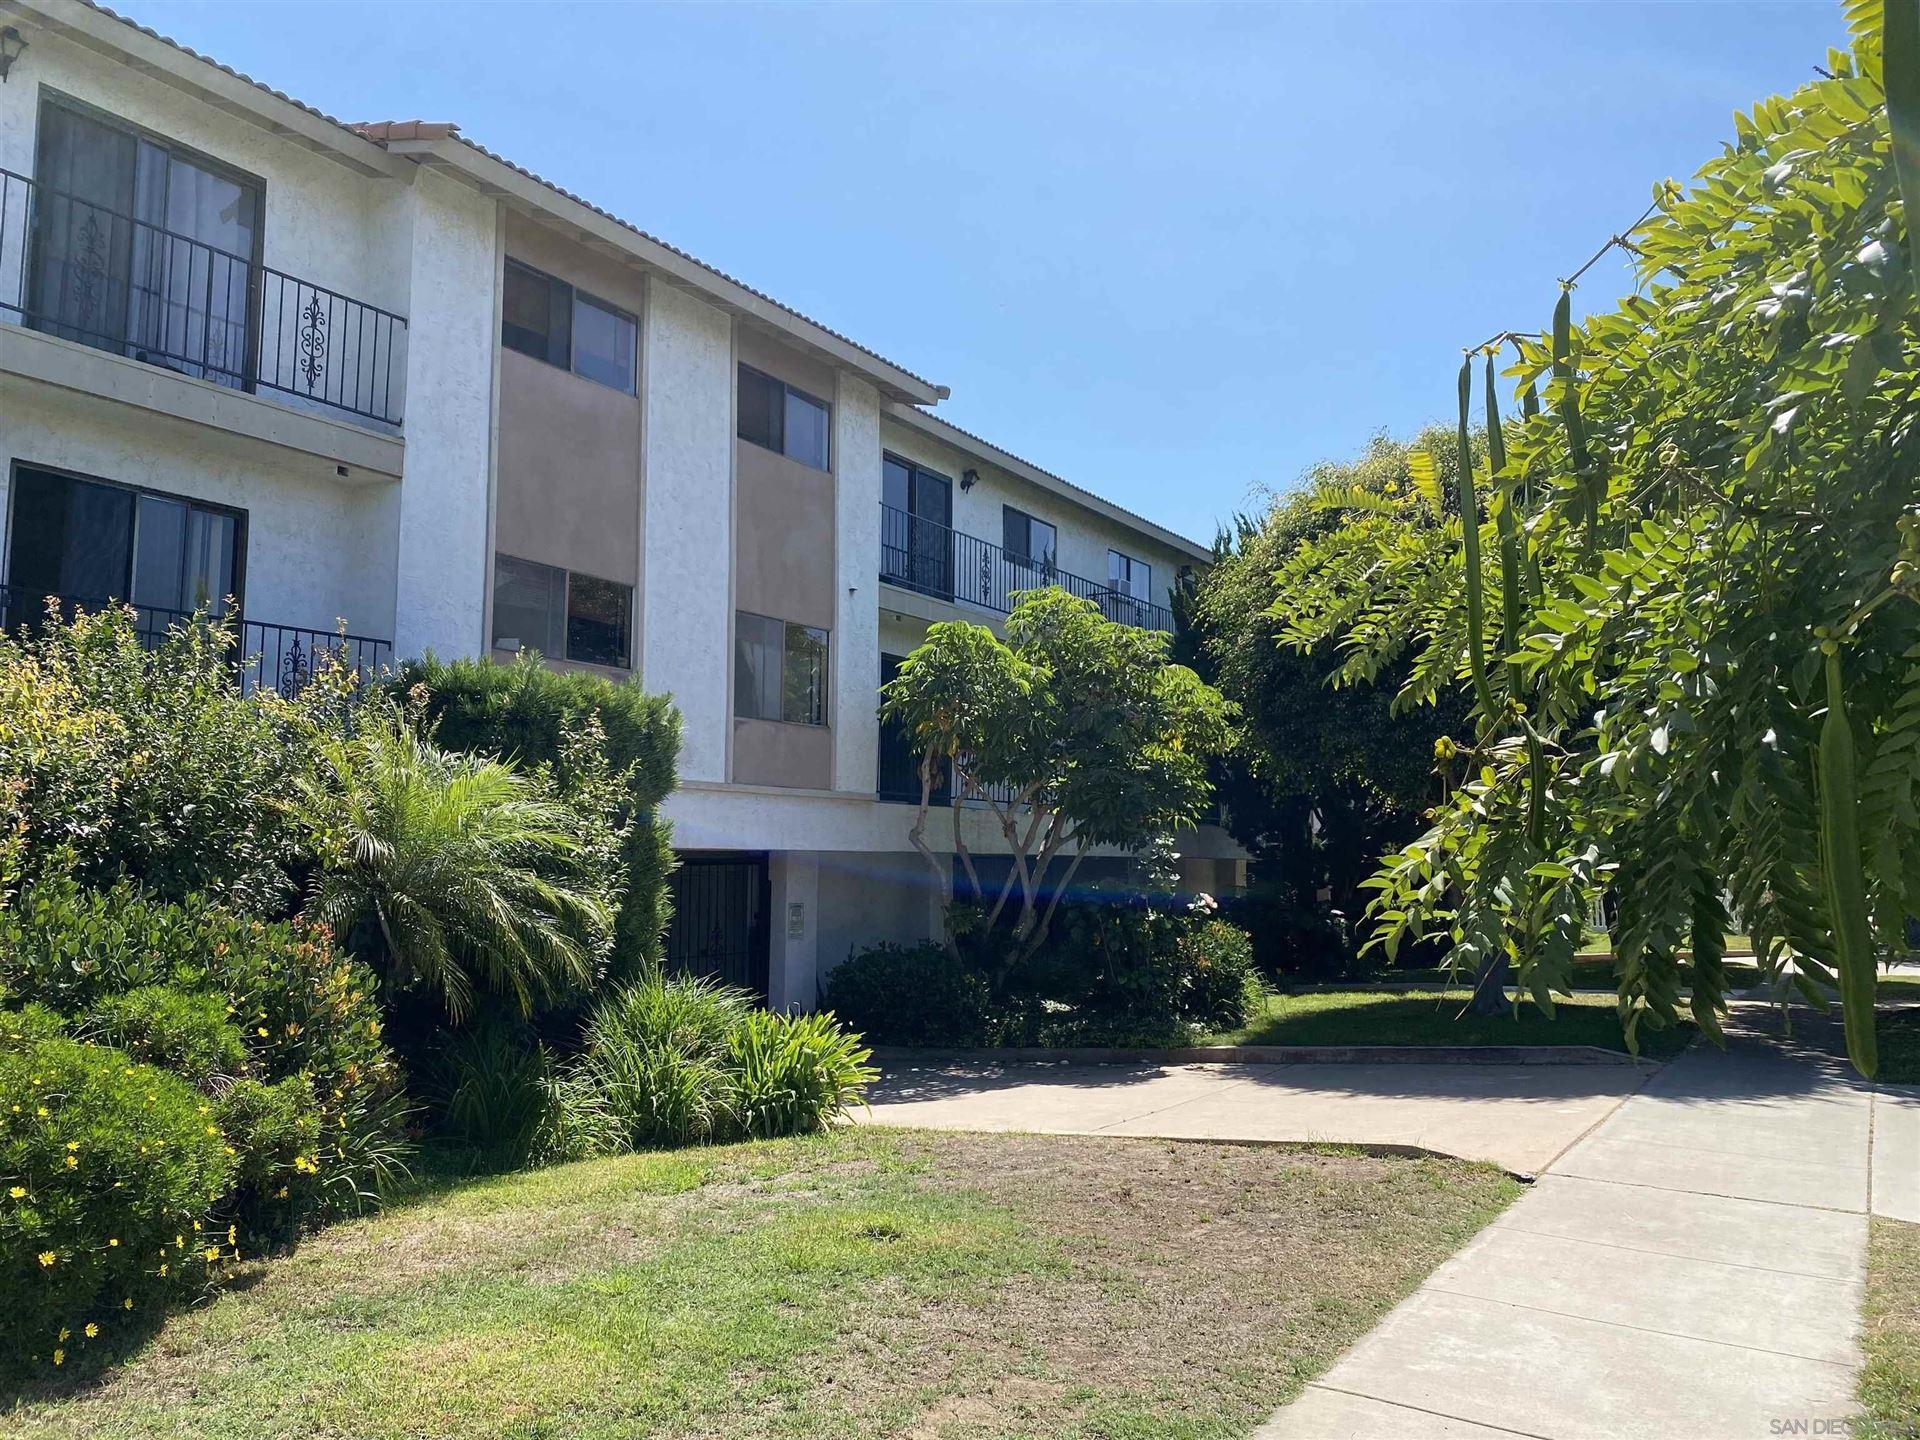 Photo of 845 E Ave #E, Coronado, CA 92118 (MLS # 210025317)